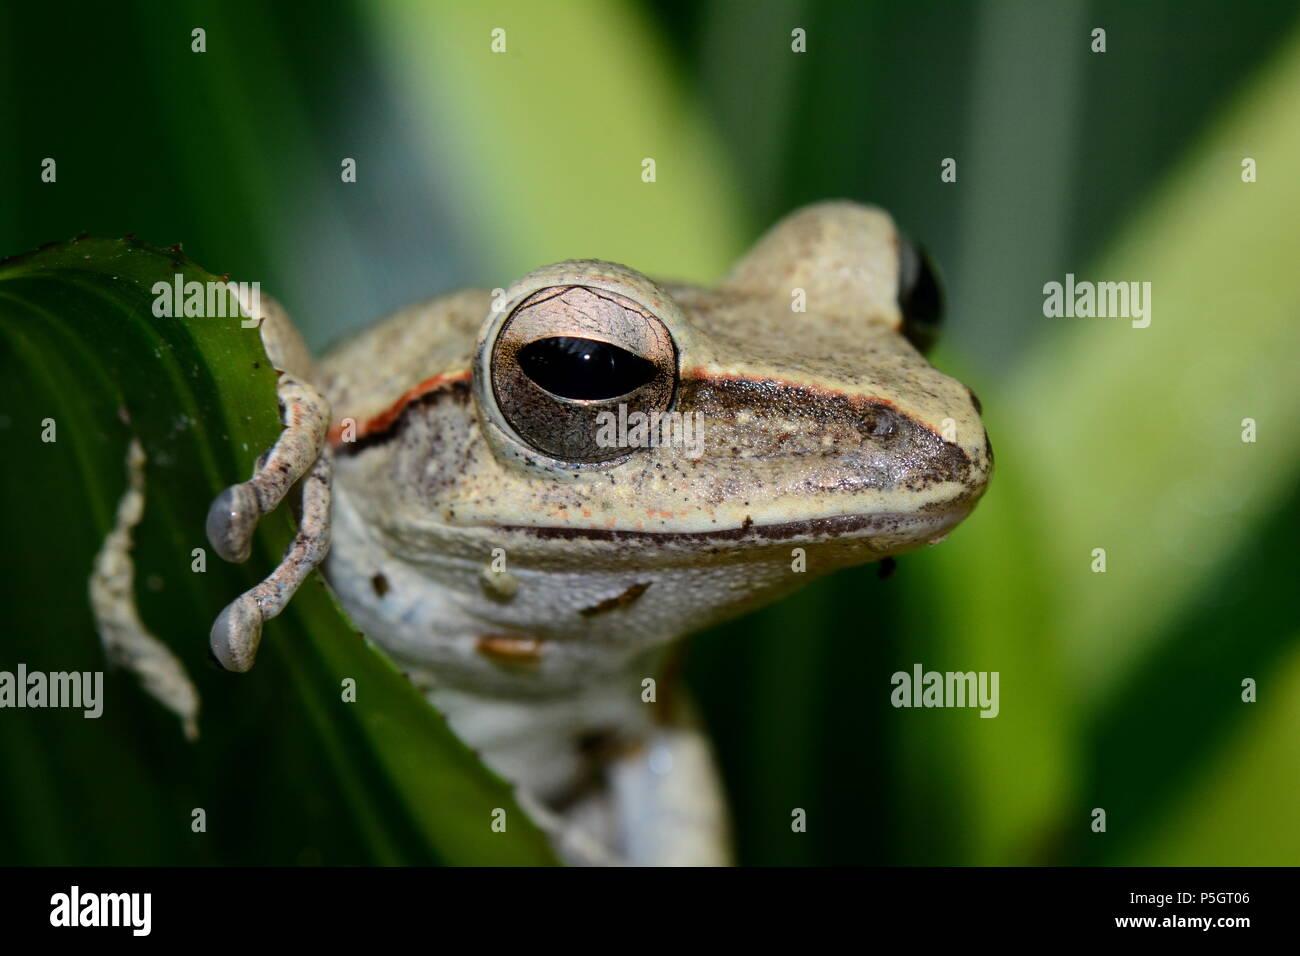 Une grenouille d'arbre pose pour la caméra dans les jardins. Photo Stock